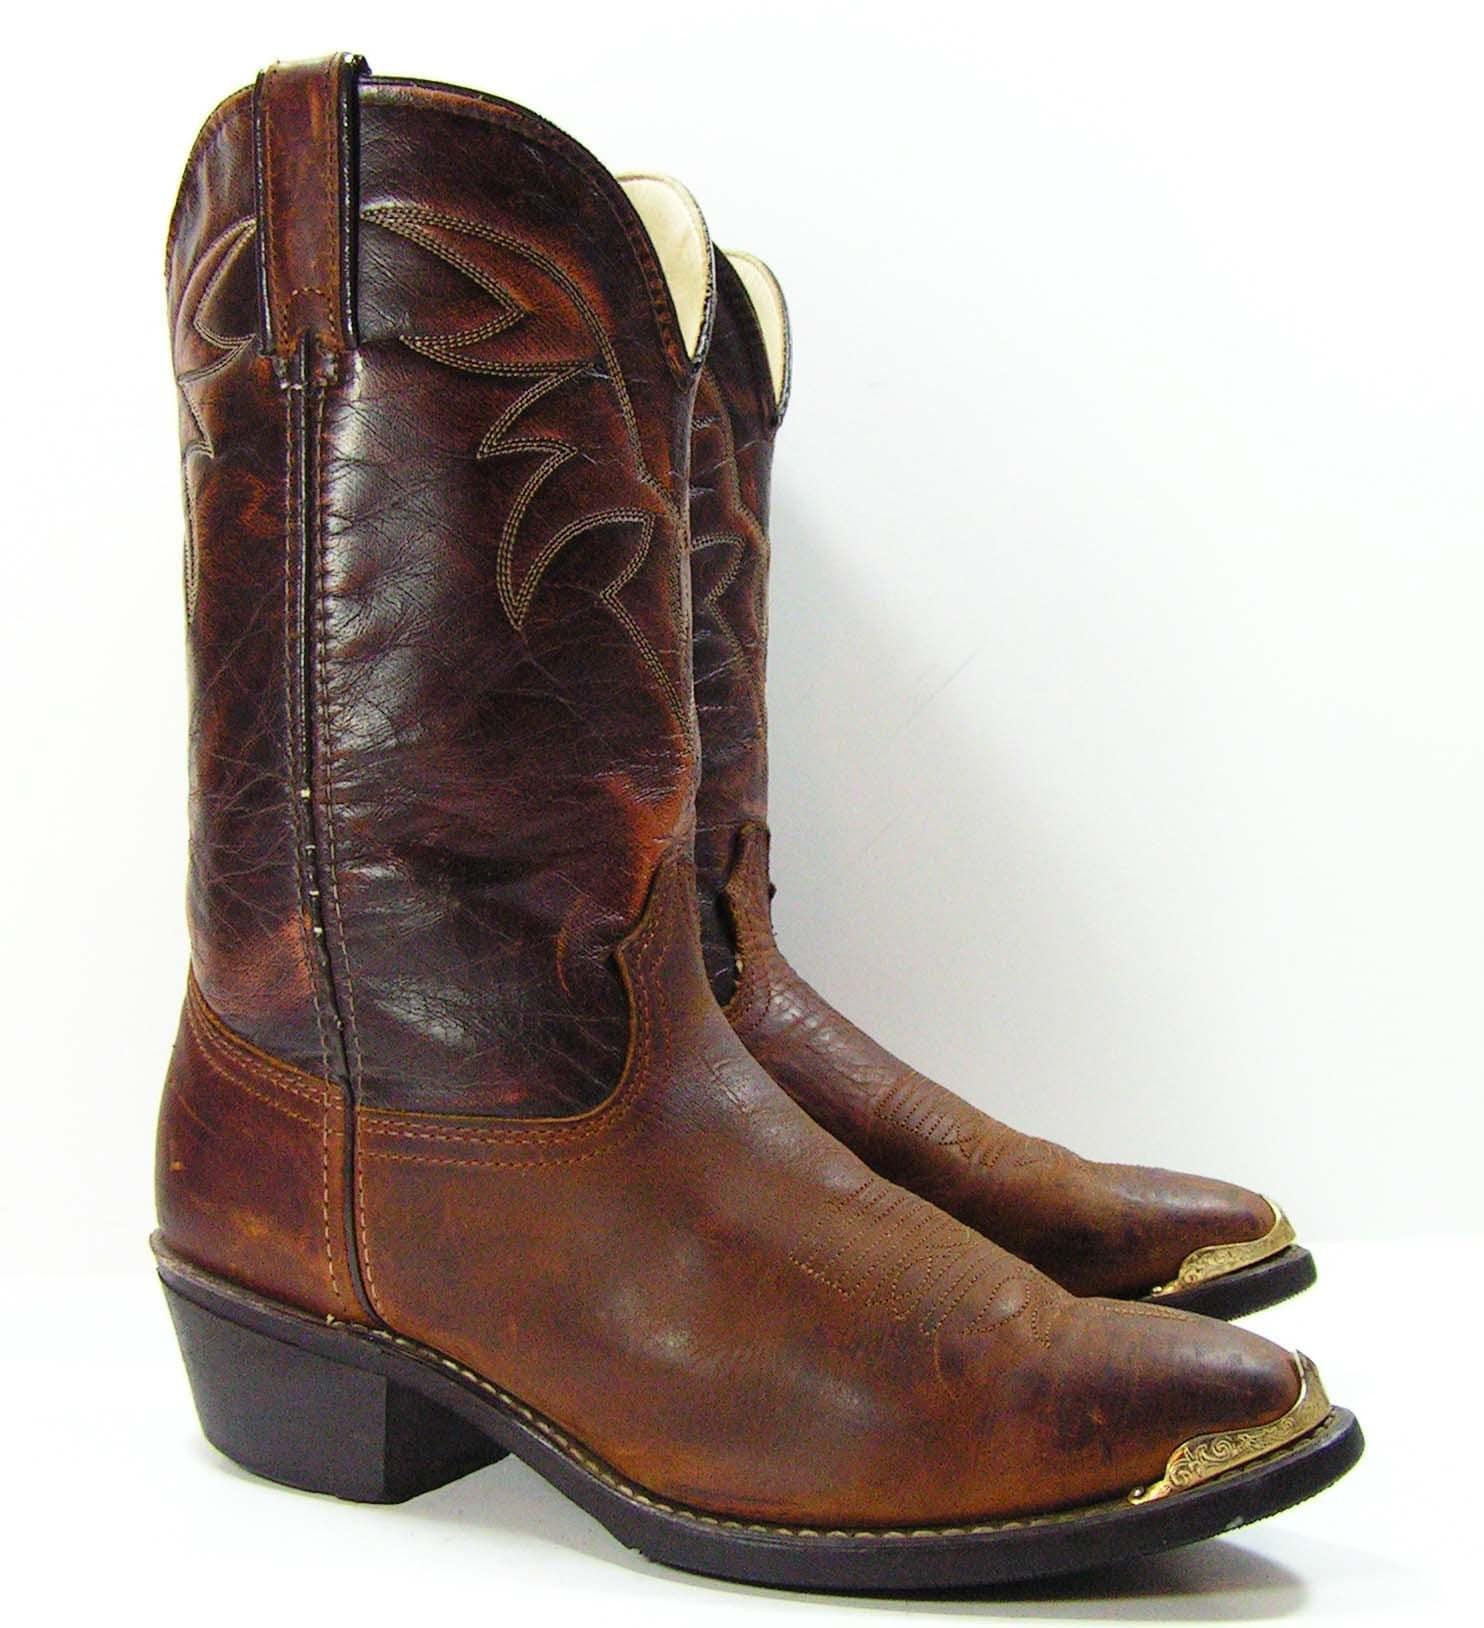 Mens Vintage Cowboy Boots Sale | CFA Vauban du Bâtiment